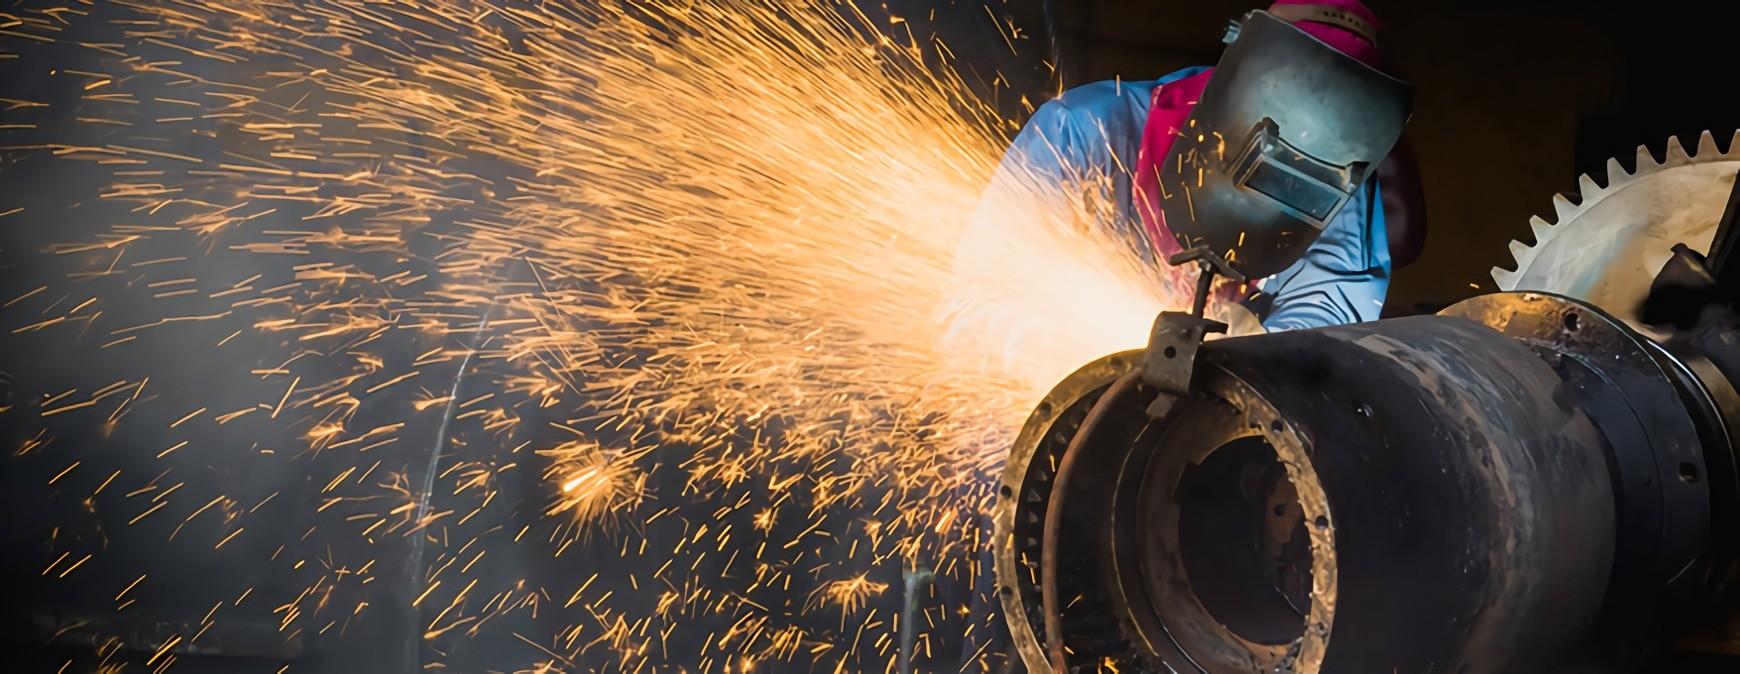 welding machinery